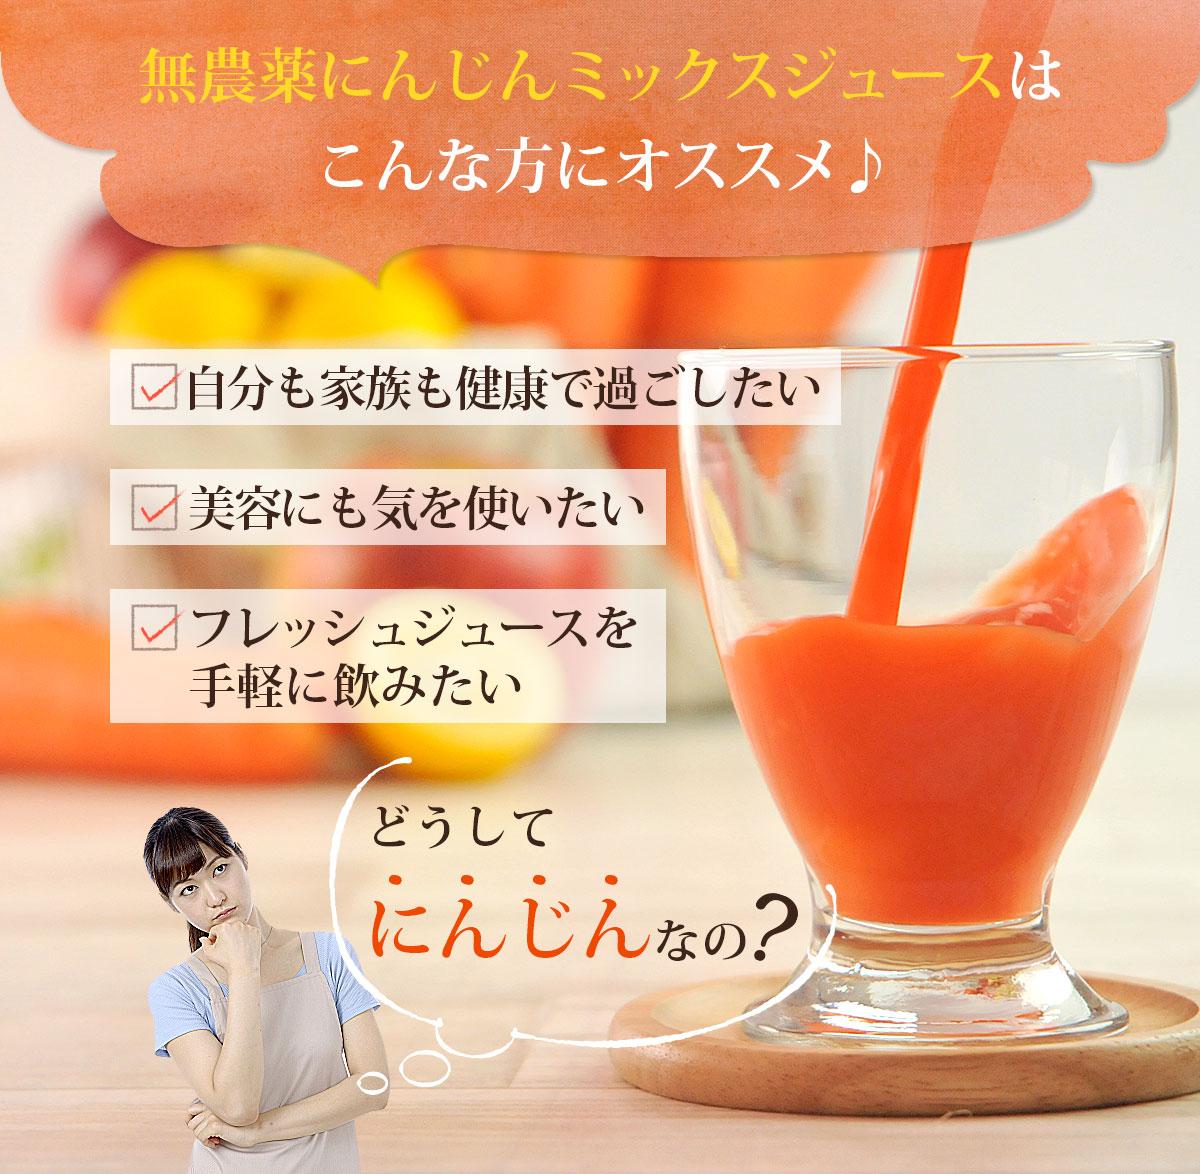 無農薬にんじんミックスジュースはこんな方にオススメ♪ 自分も家族も健康で過ごしたい、美容にも気を使いたい、フレッシュジュースを手軽に飲みたい